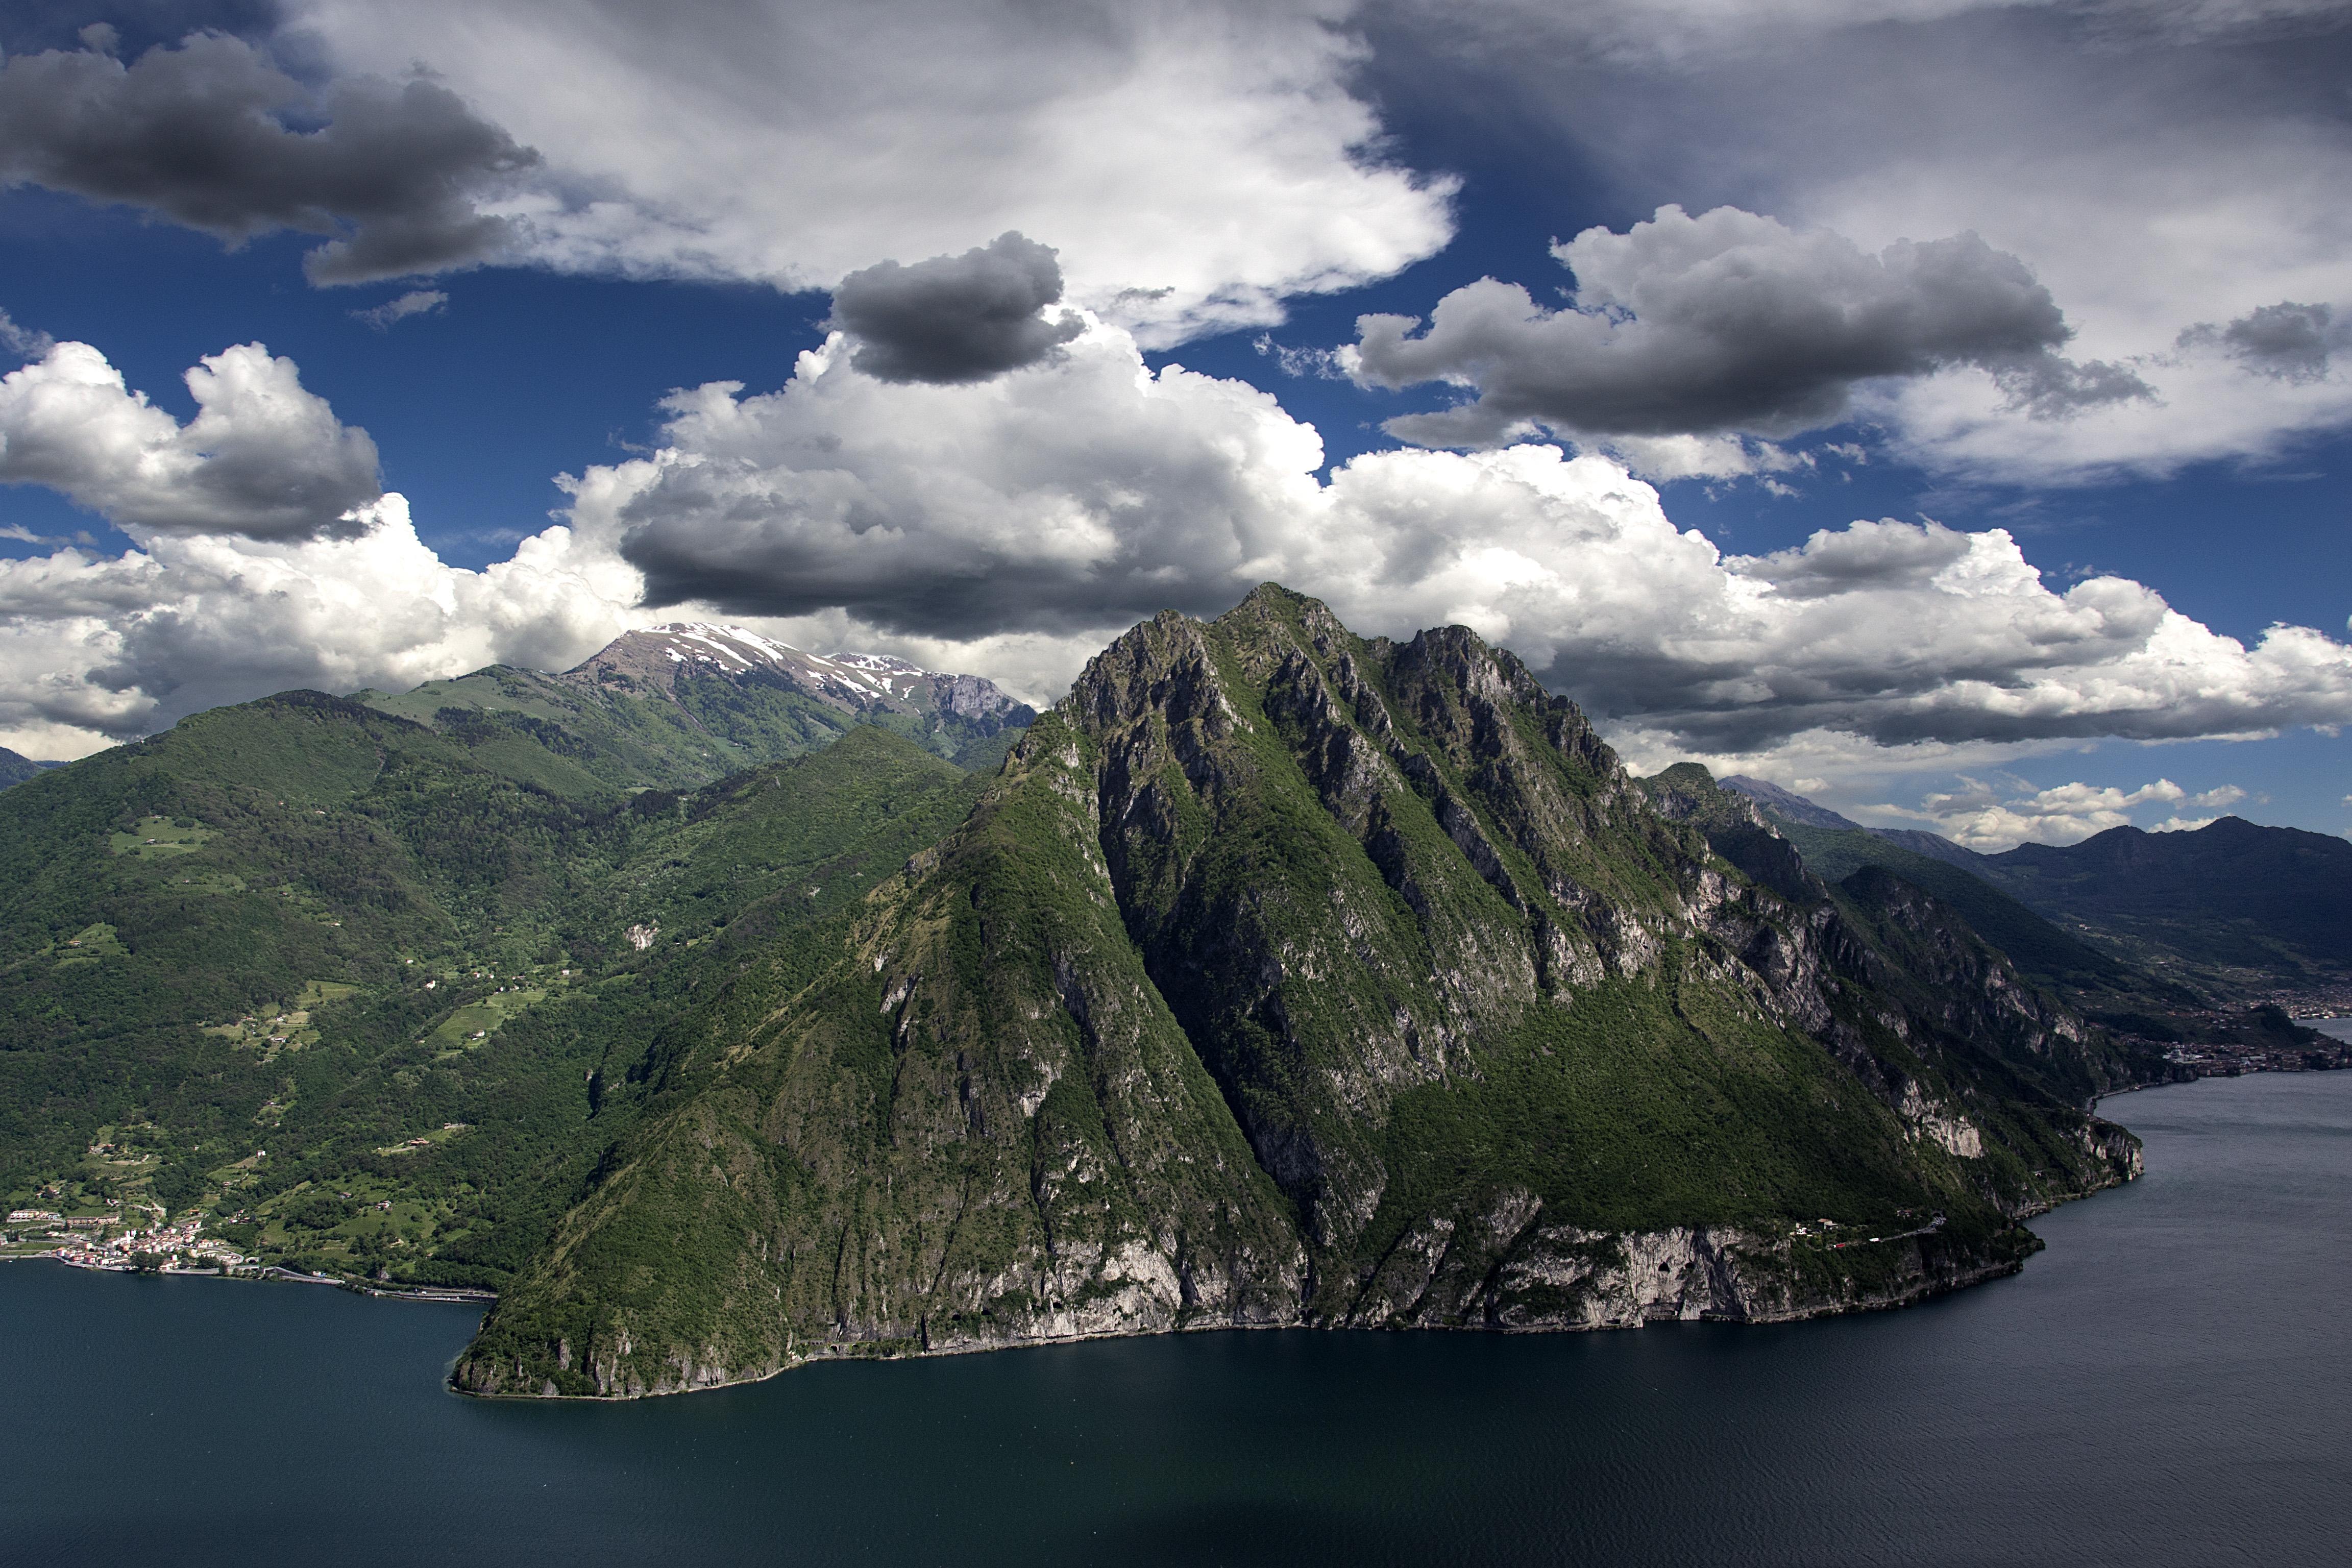 Nuvole di panna - Concorso fotografico: Concorso fotografico Cieli d'Italia